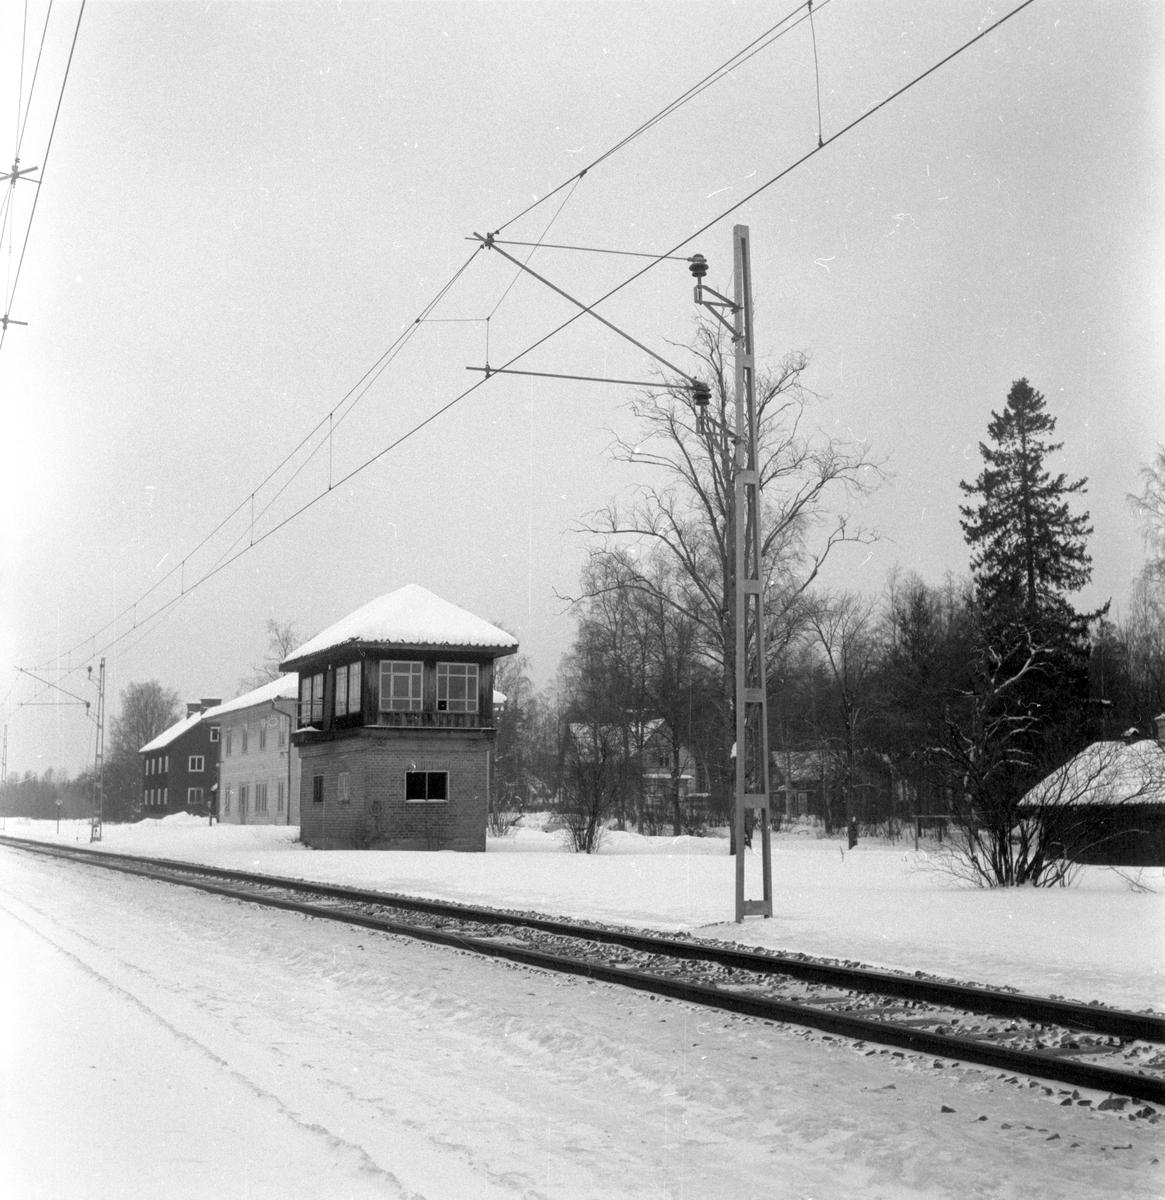 Järnvägsstationen i Byvalla. Byggnaden i förgrunden är ett ställverkshus, stationshuset är det vita huset där bakom.